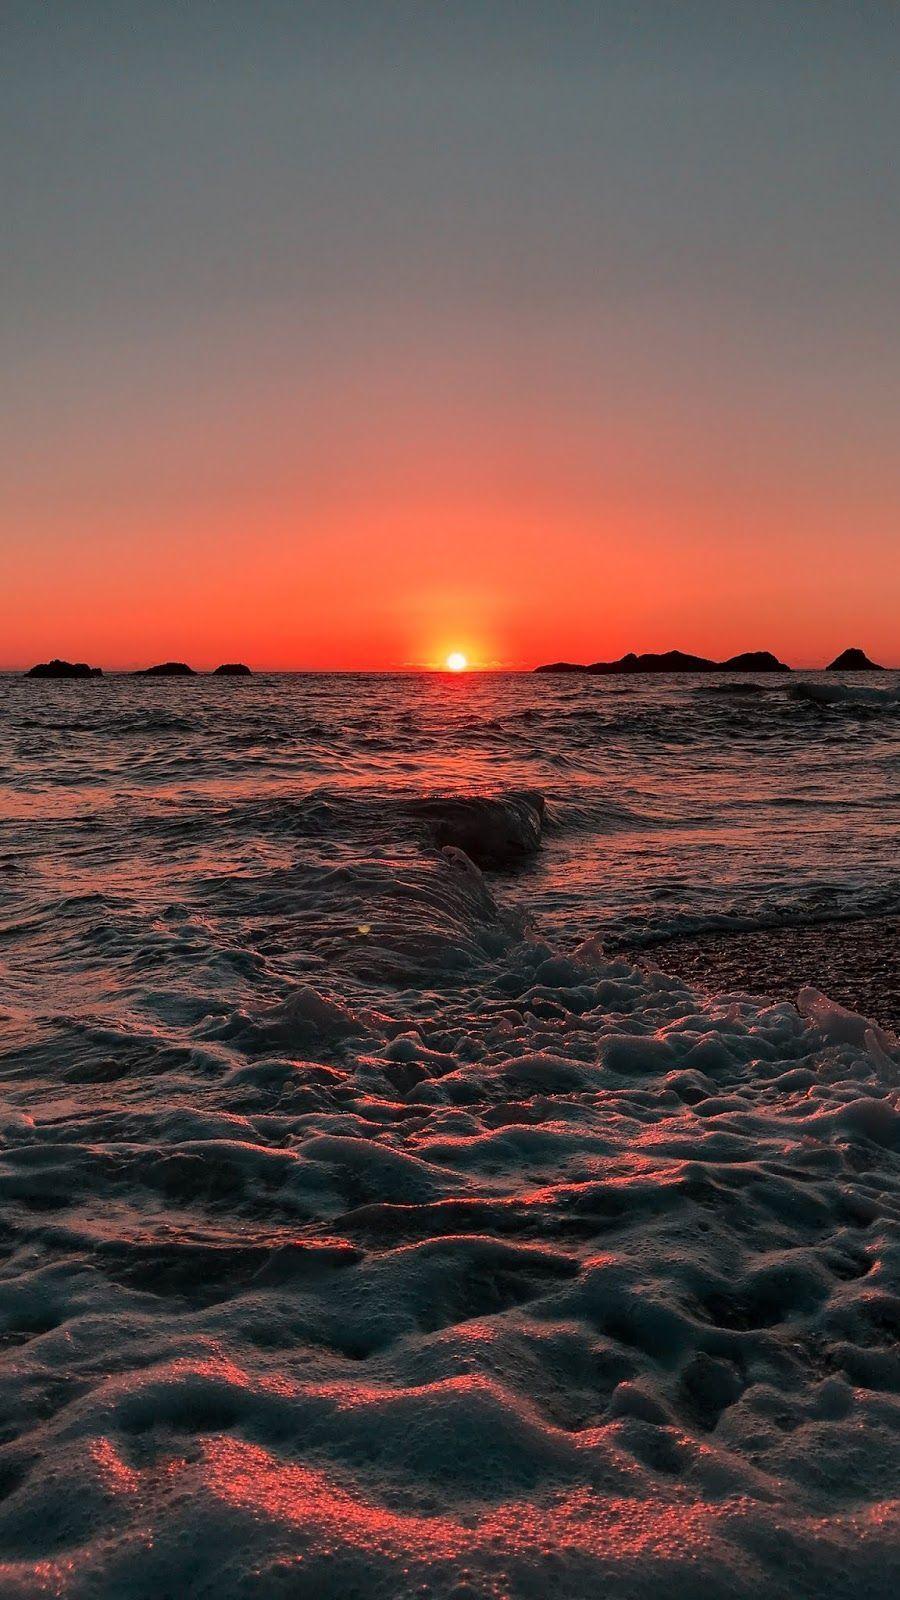 Sunset Beach Android fond d'écran wallpaper iphone